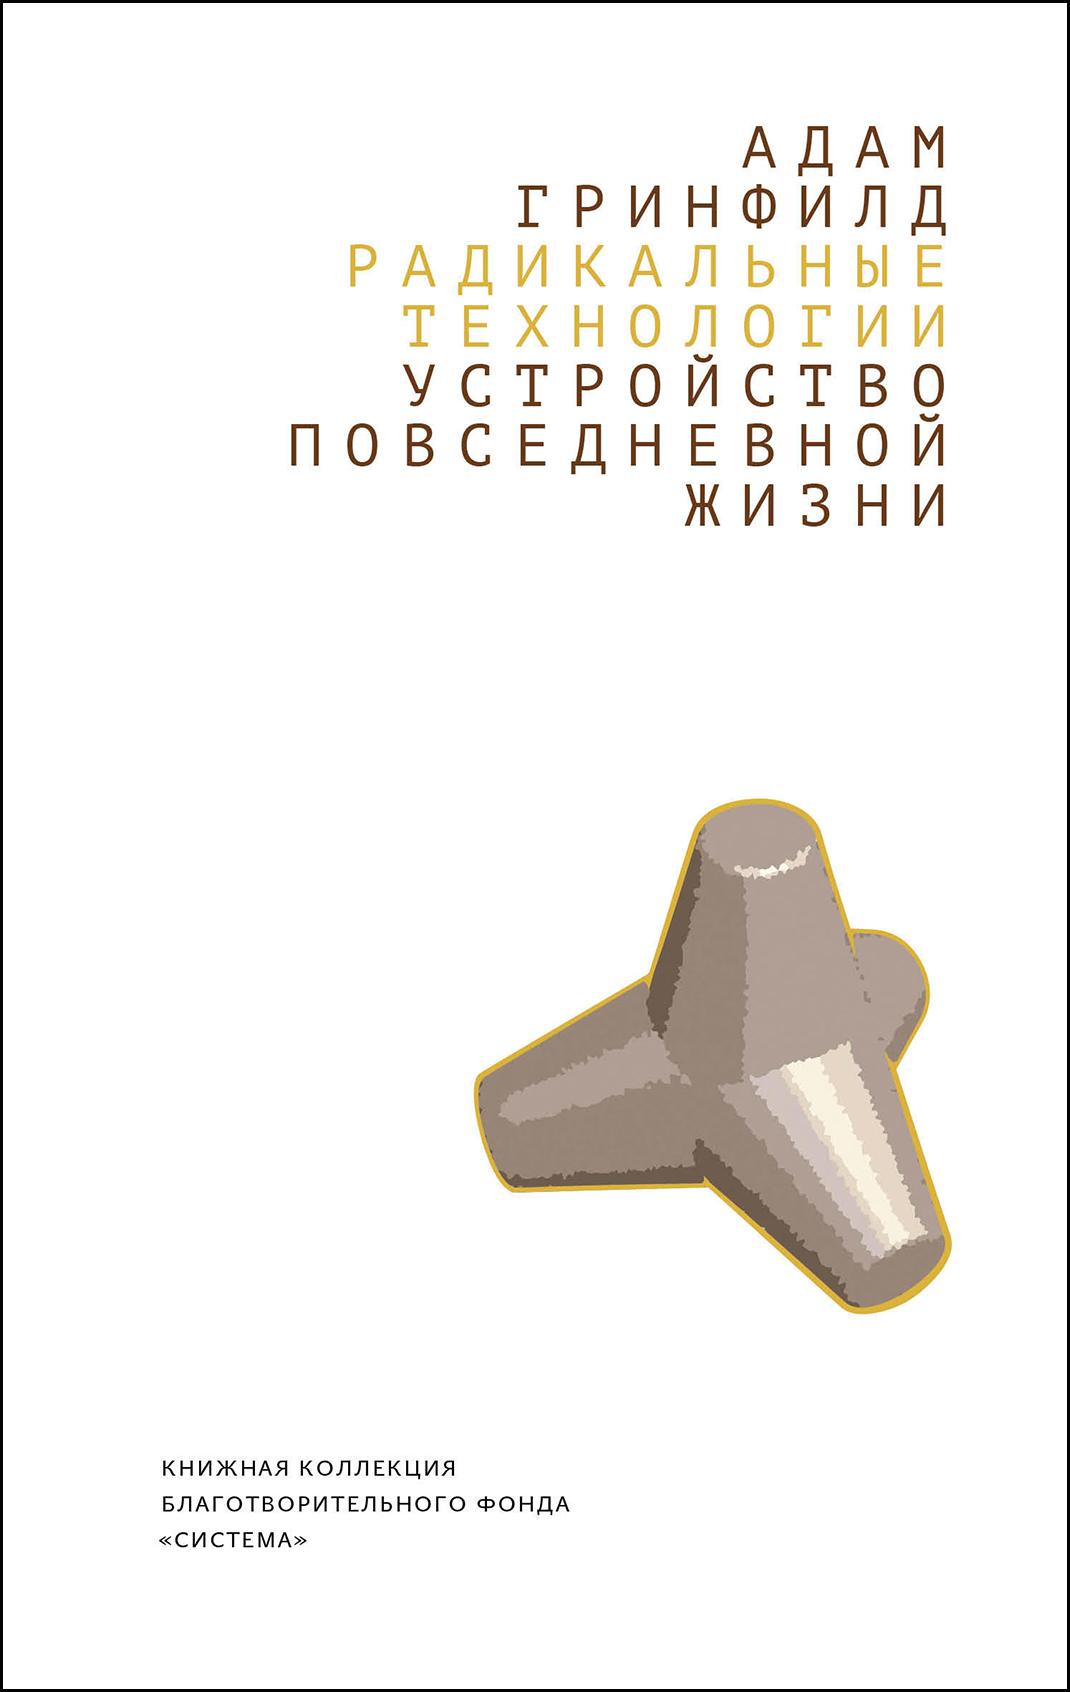 Книга Адама Гринфилда «Радикальные технологии» издана в ИД «Дело» РАНХиГС